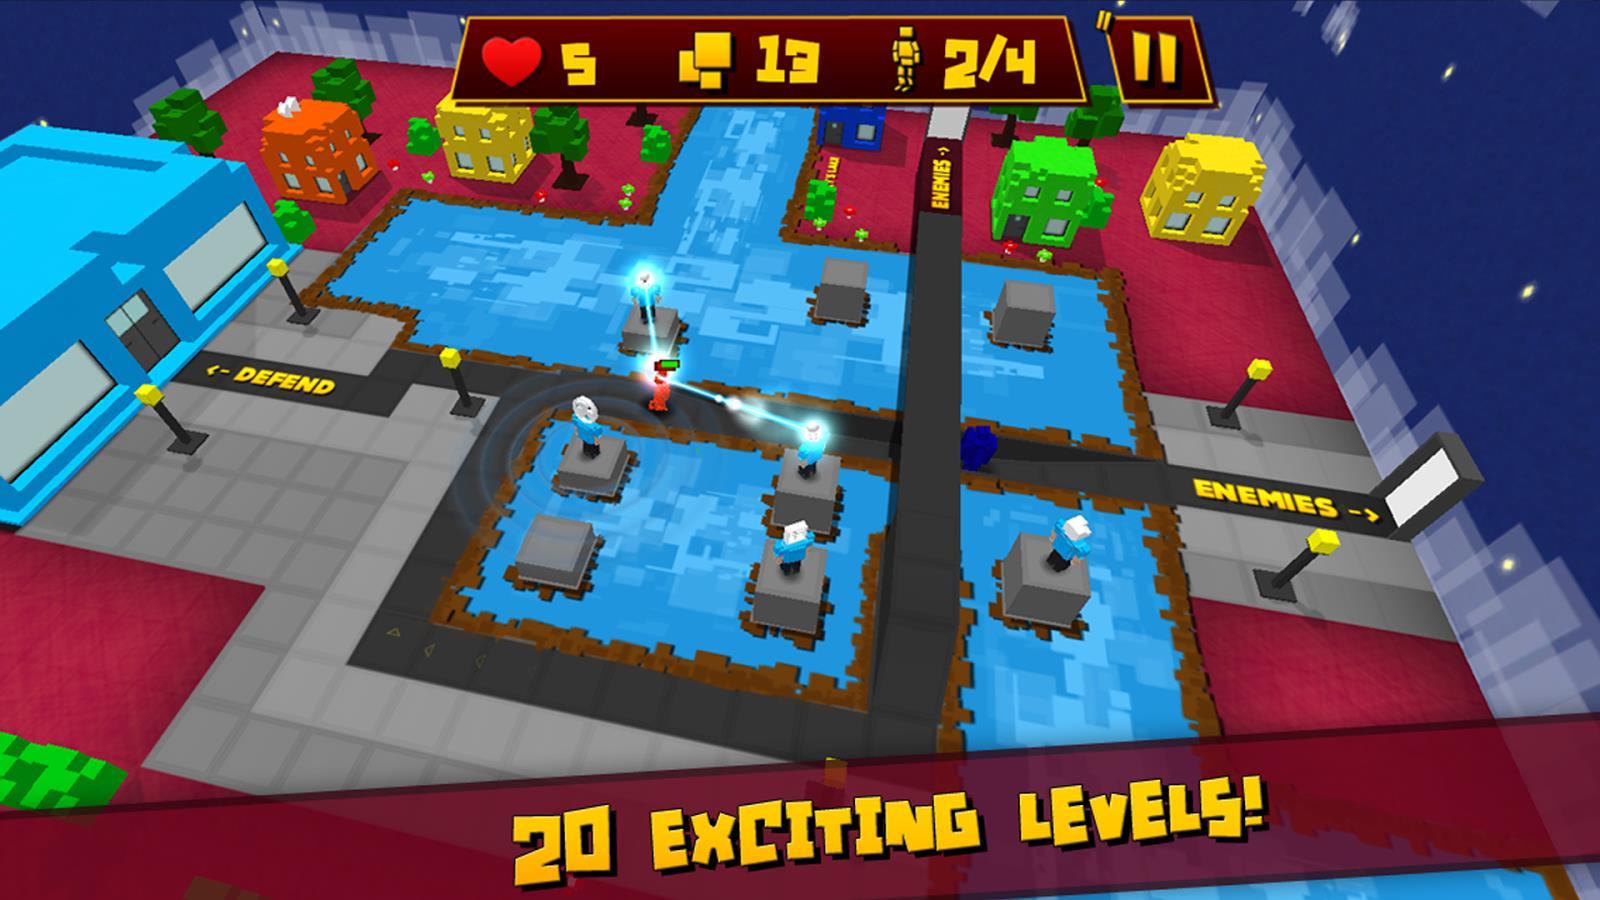 Block Defender: Tower Defense - Imagem 1 do software